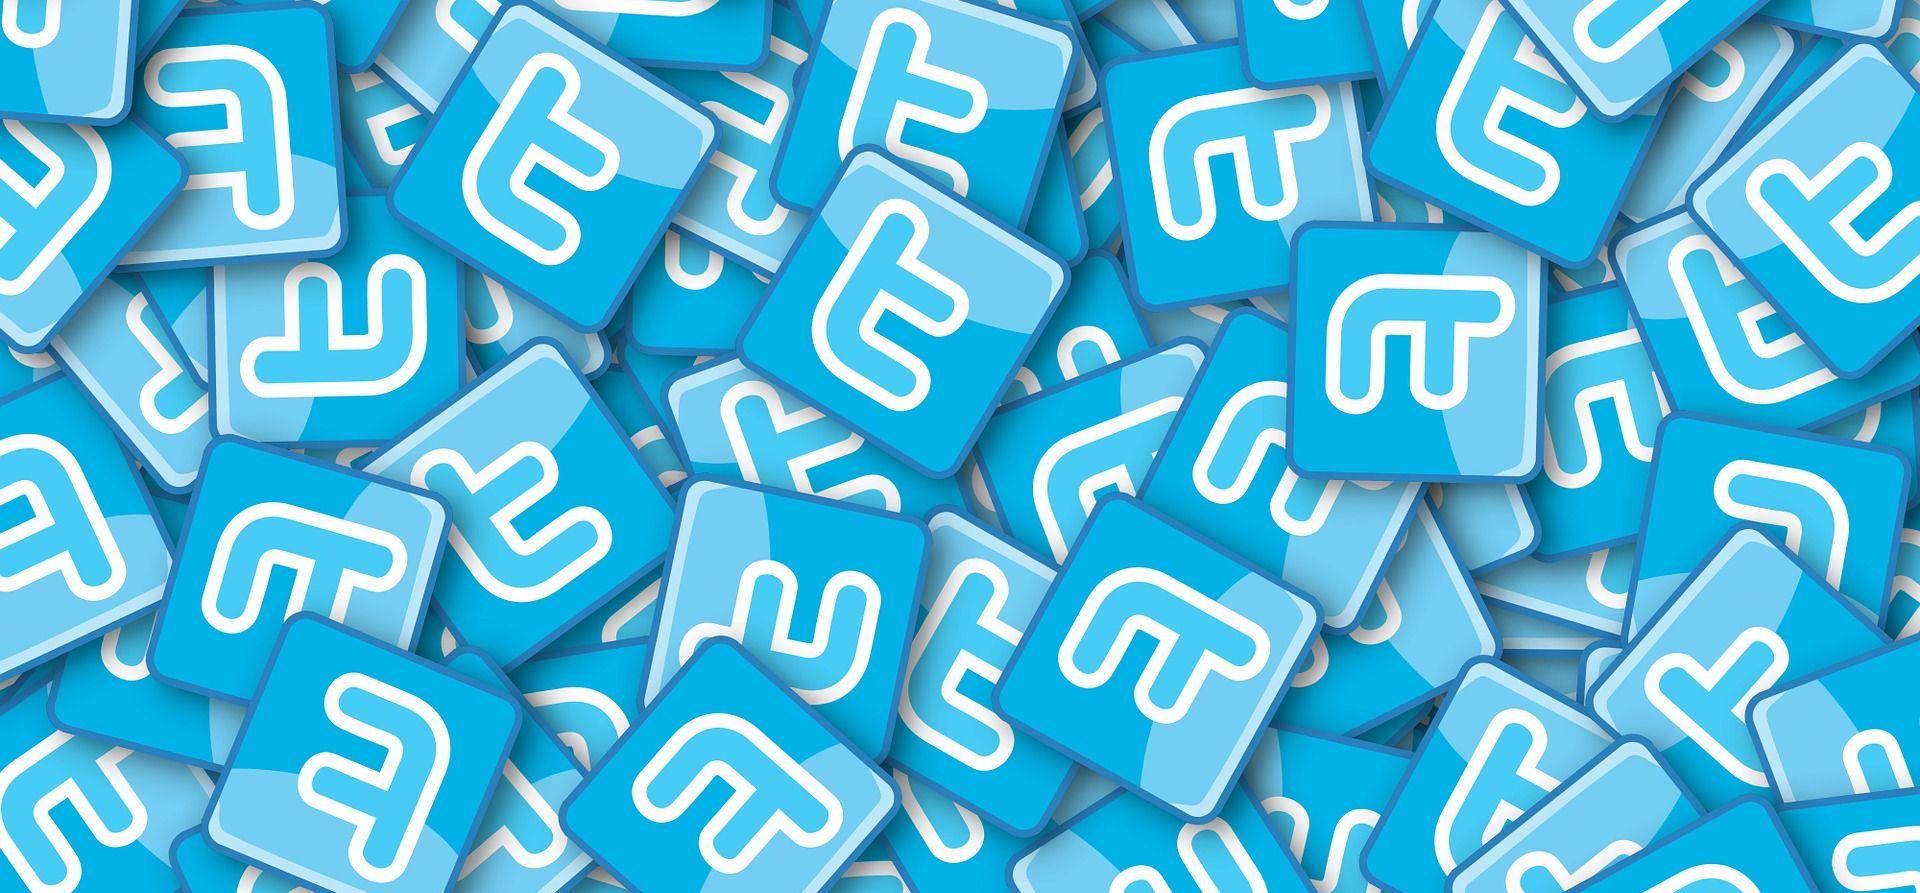 Twitter od prošle godine ugasio više od 250 tisuća računa povezanih s terorizmom